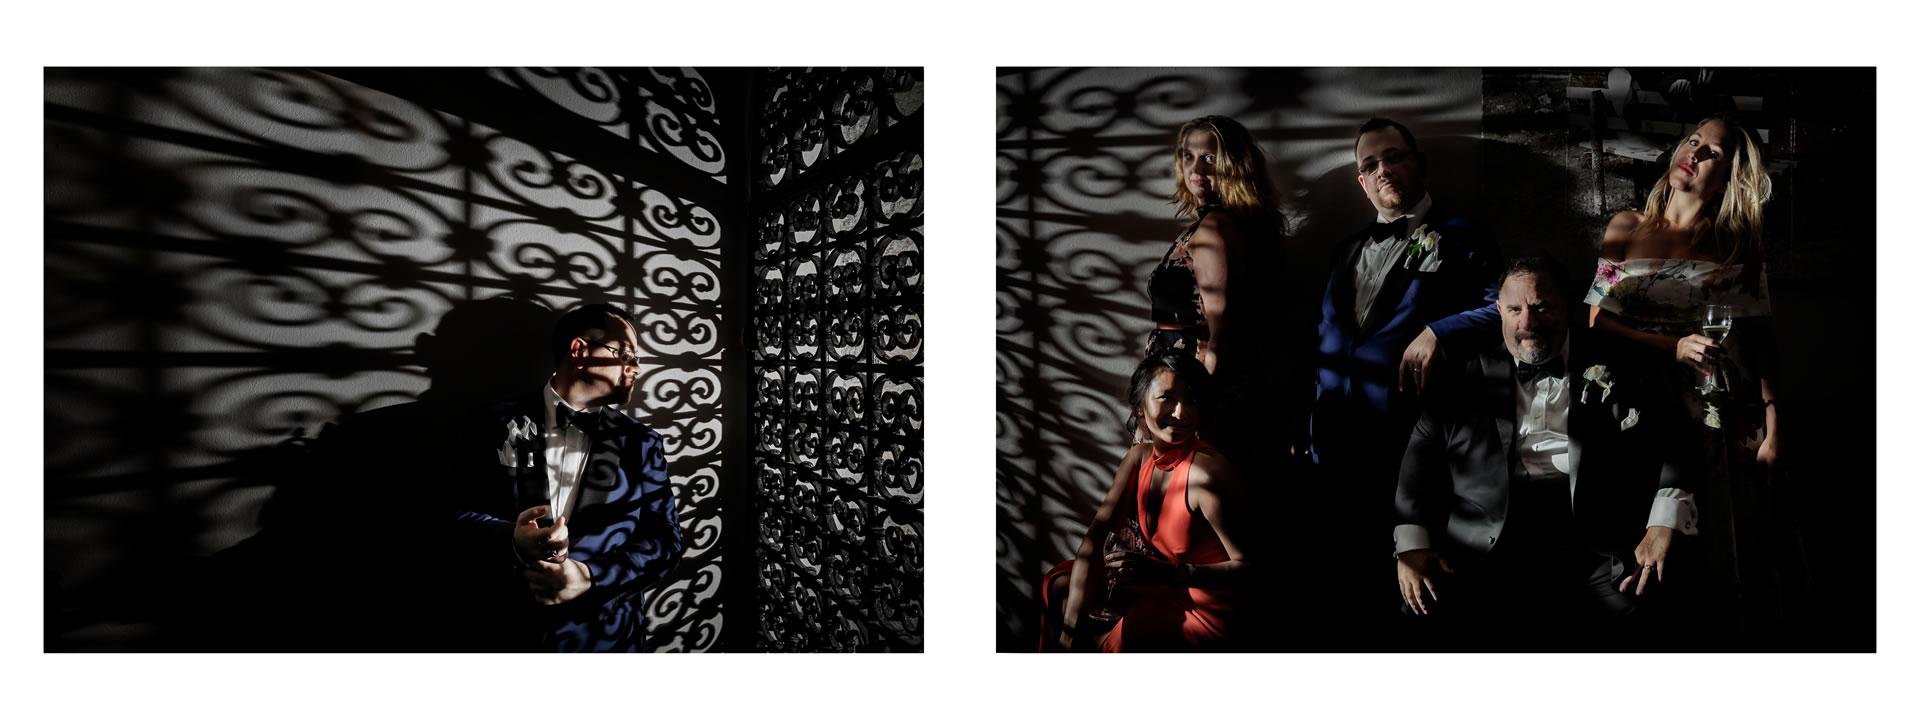 same-sex-love-in-portofino-david-bastianoni-photographer-00030 - 30 :: Wedding in Portofino // WPPI 2018 // The man that I love :: Luxury wedding photography - 29 :: same-sex-love-in-portofino-david-bastianoni-photographer-00030 - 30